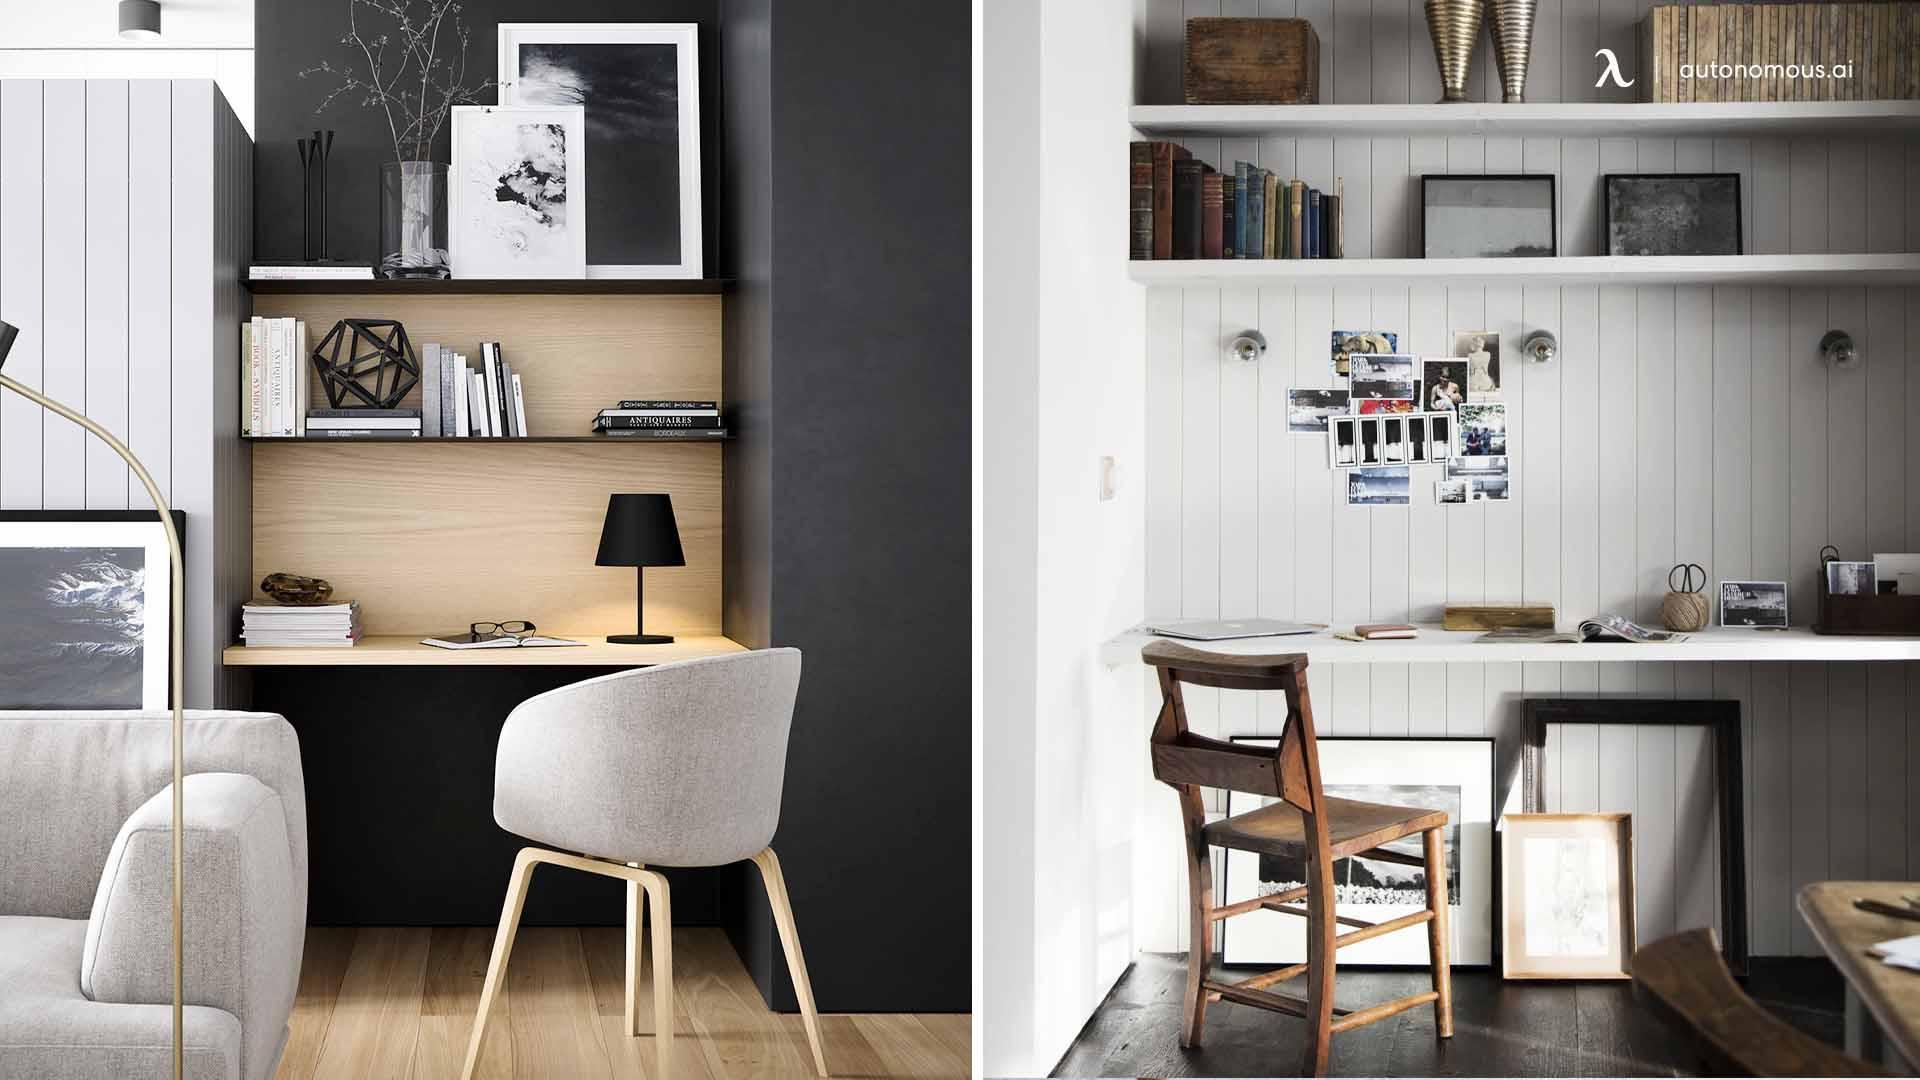 Floating Shelf and Desk